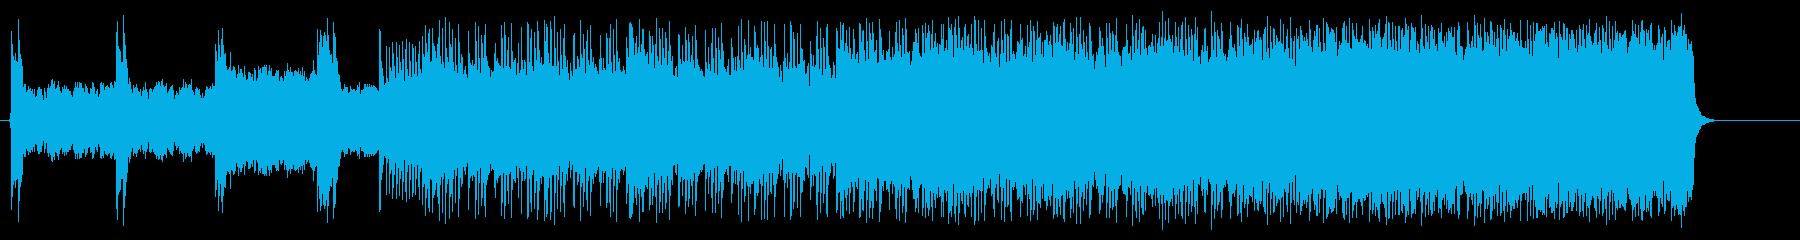 スピードとスリルのヘヴィメタルドライブの再生済みの波形